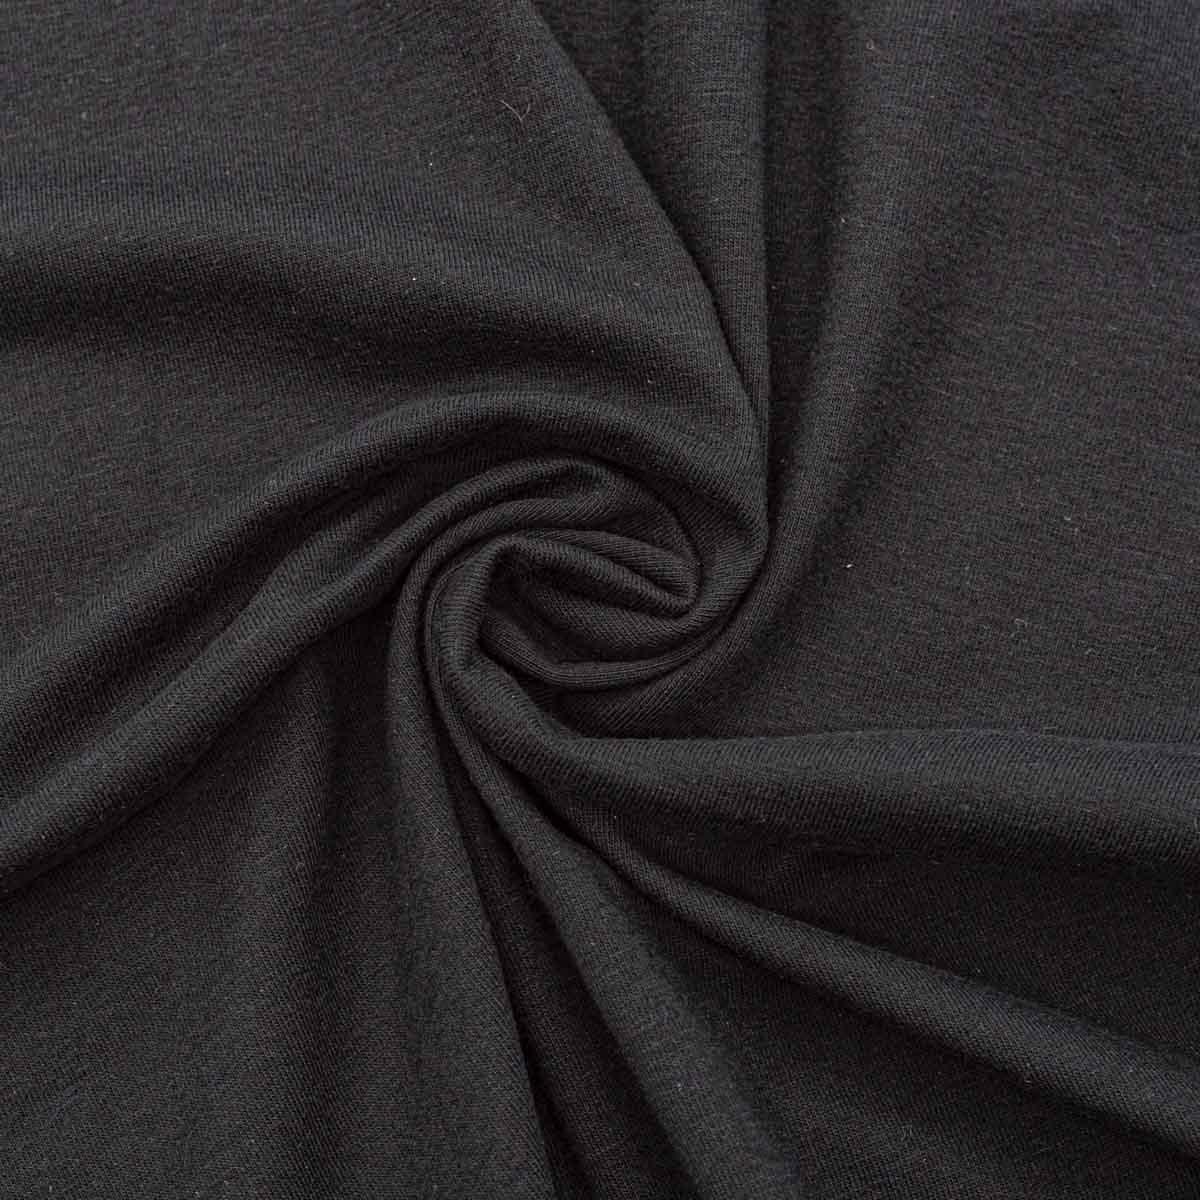 27468 Ткань ' Кулирная гладь' пл. 190-210г/м2 50см*45см 46*50см + - 1см , цв. чёрный